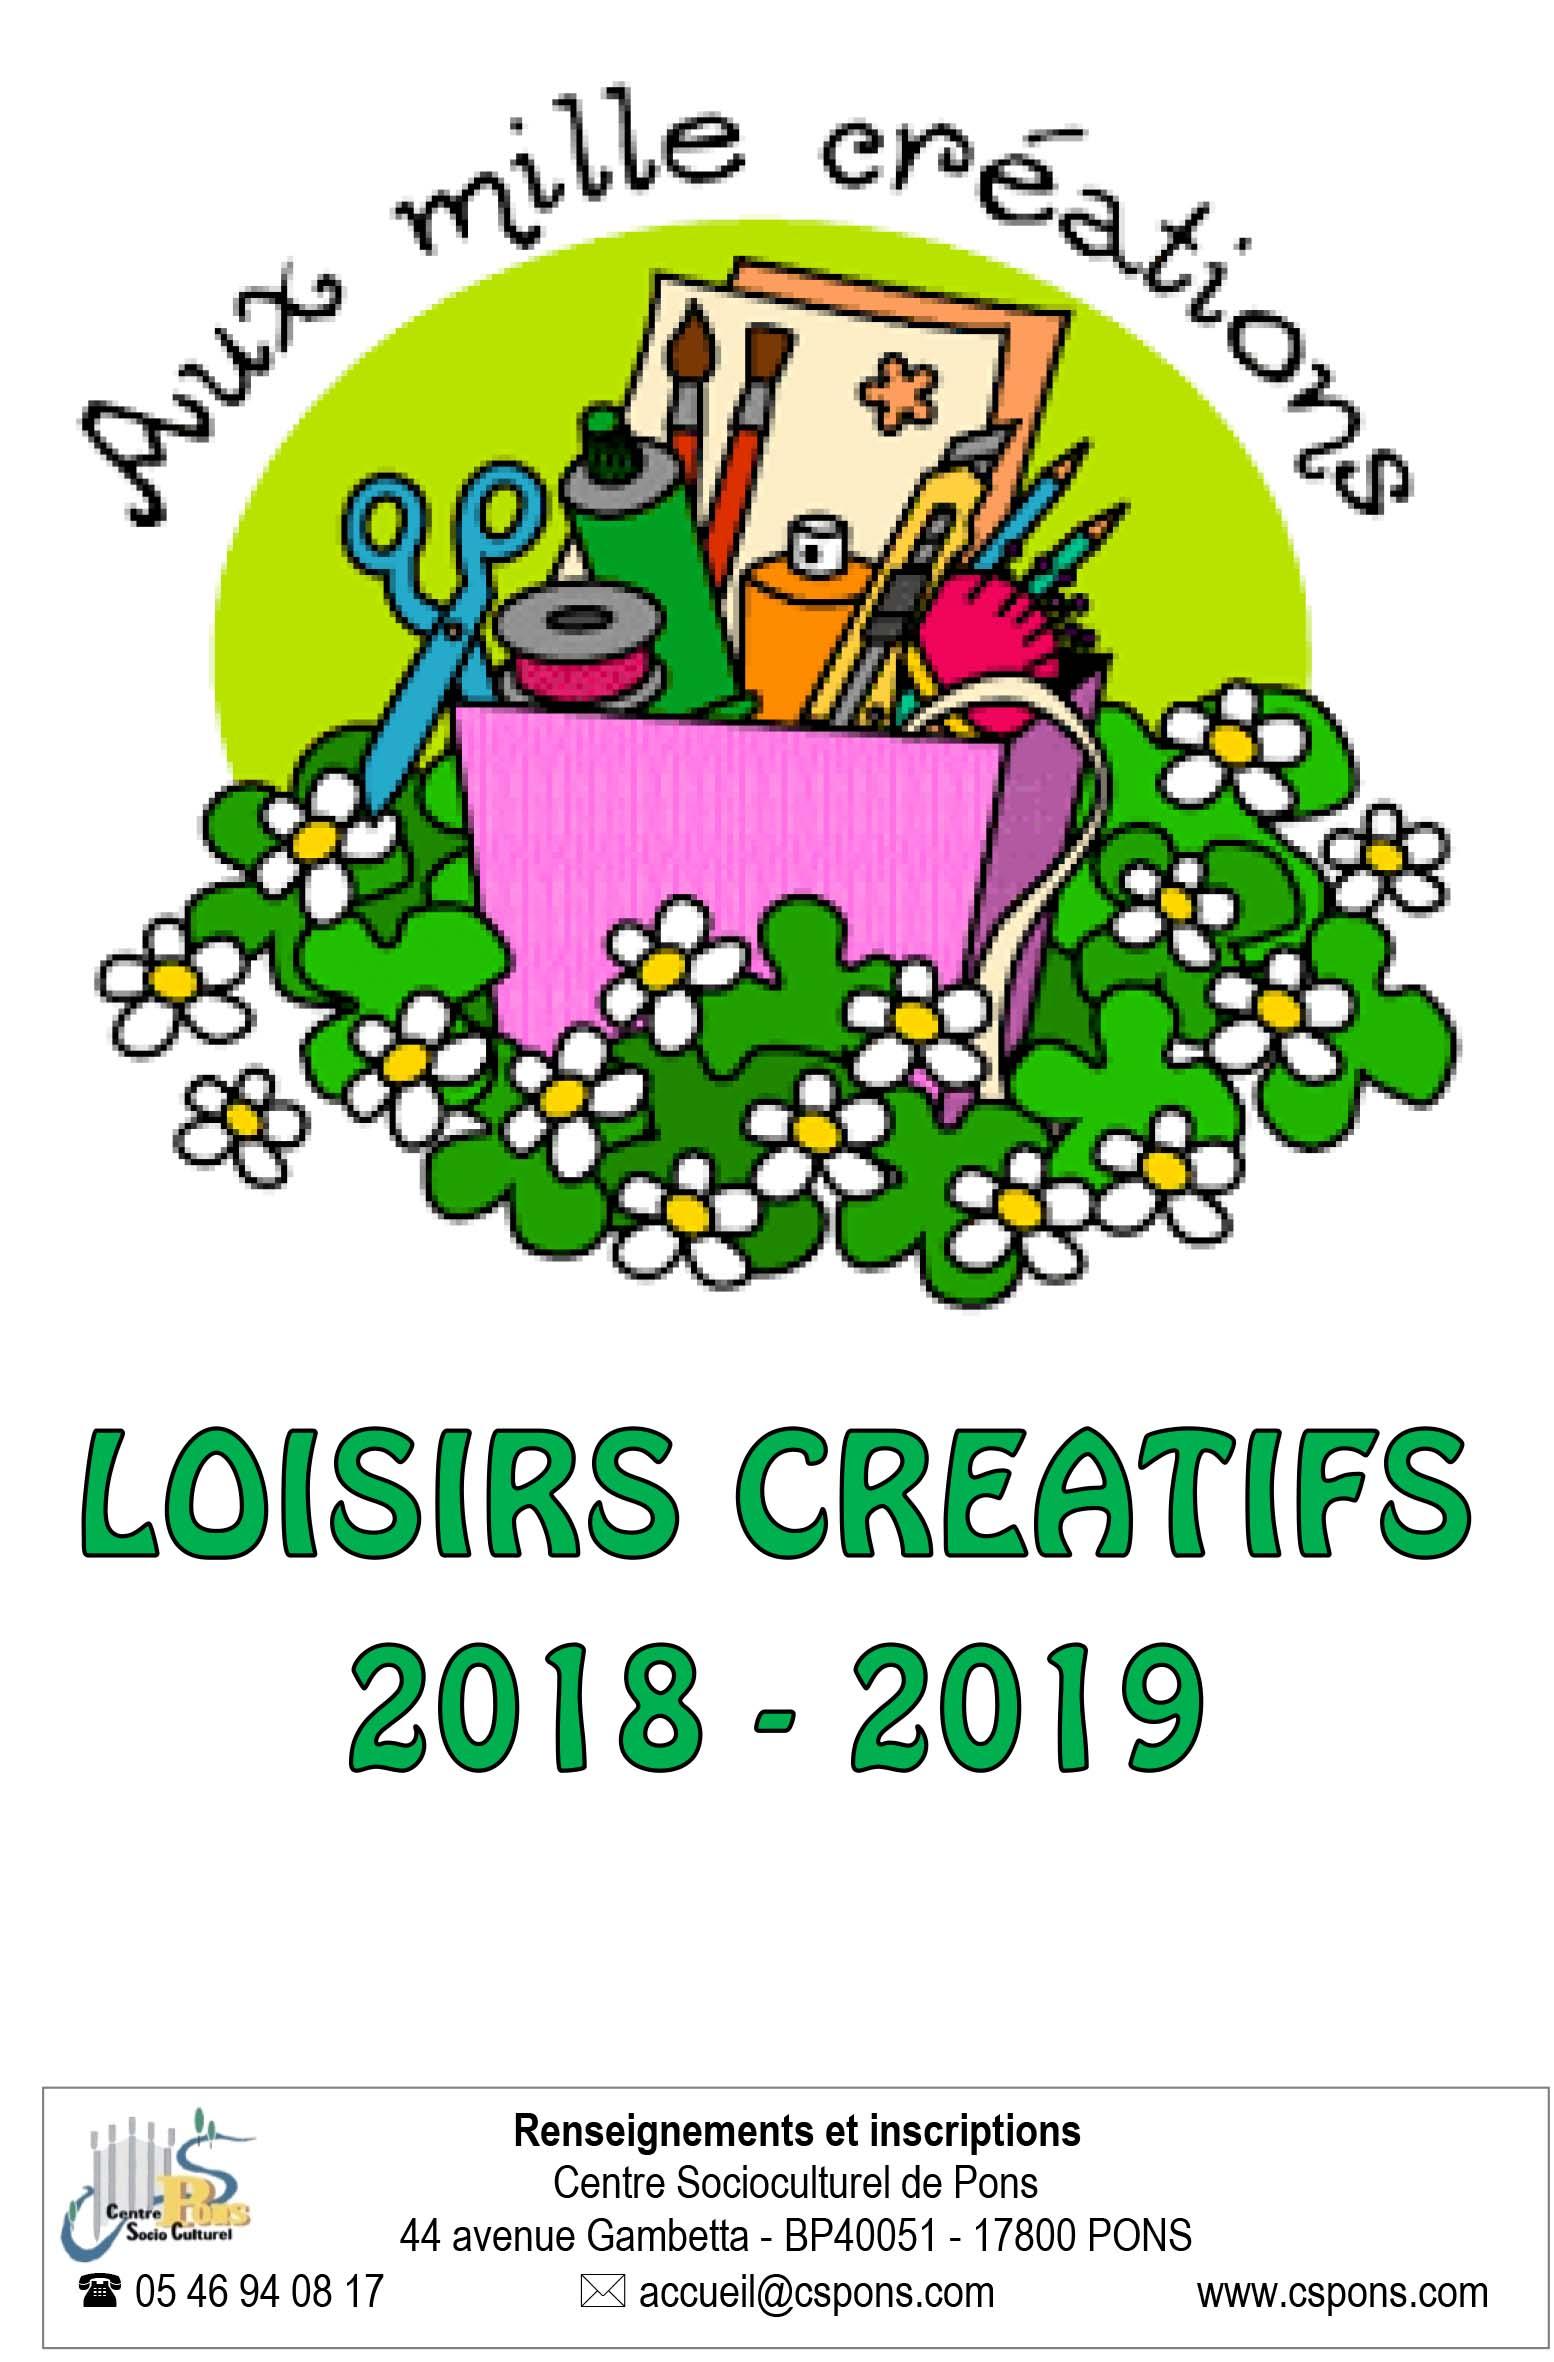 LOISIRS CREATIFS 2019-1